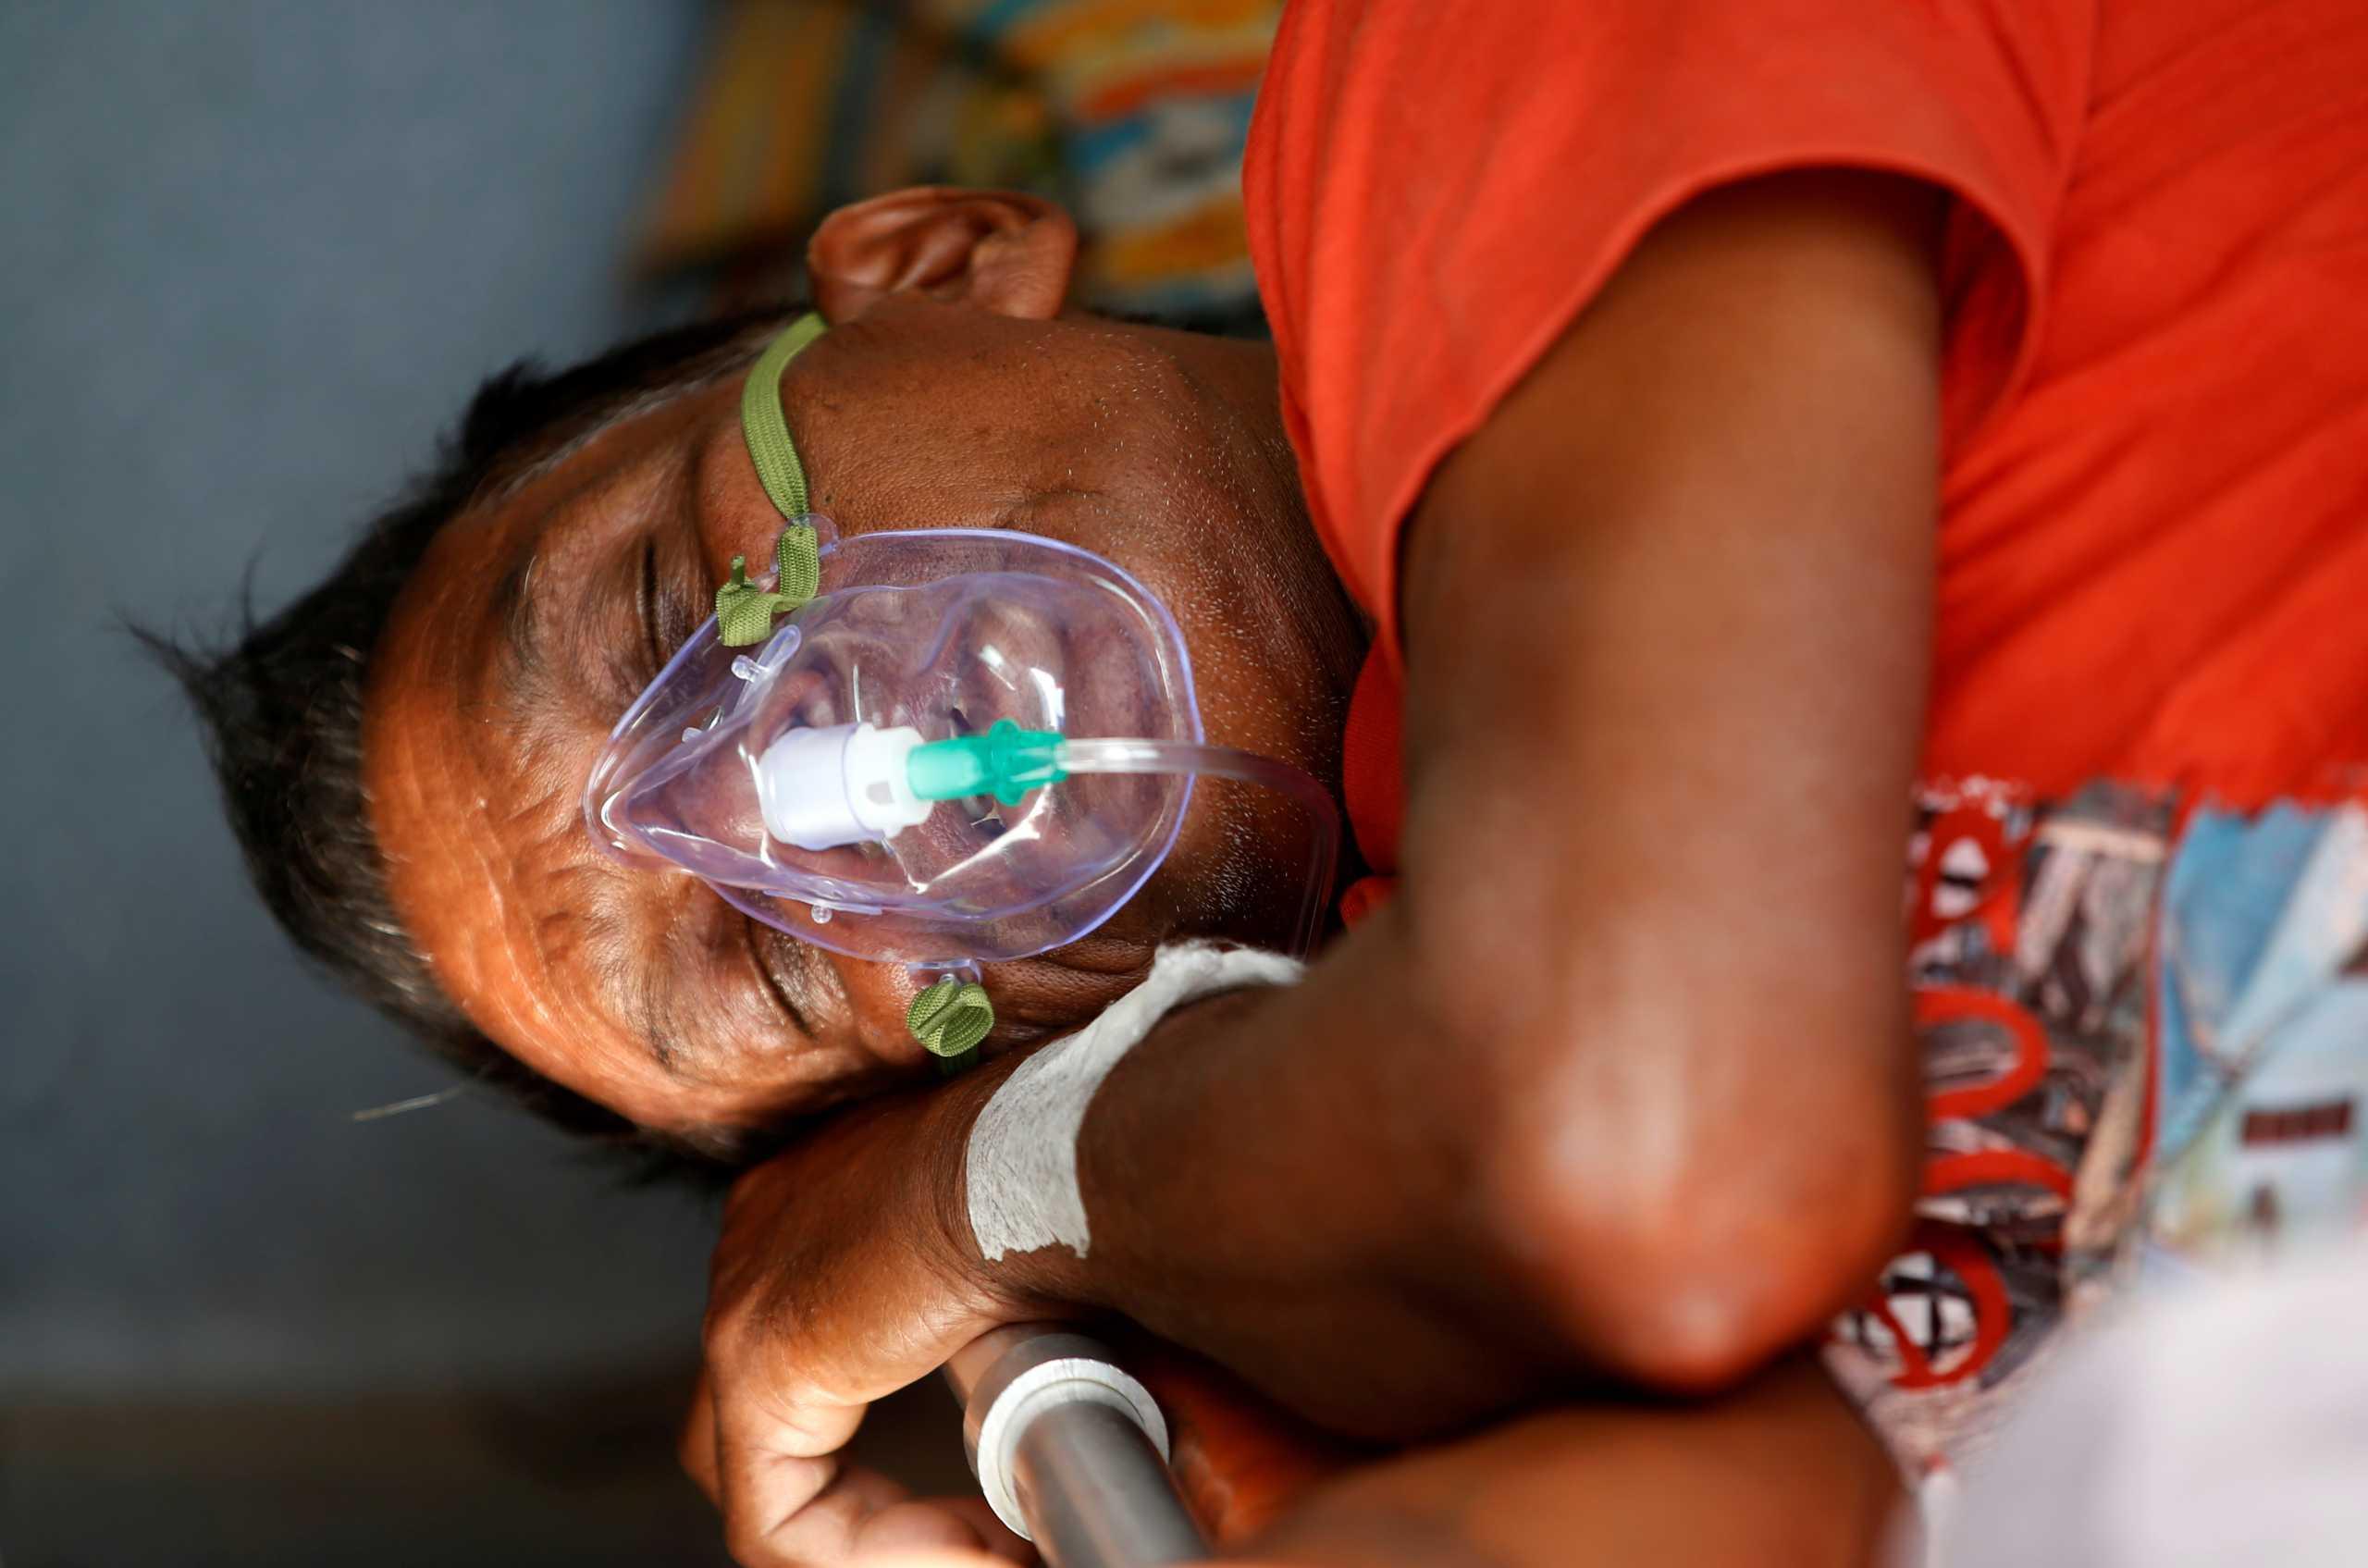 Ινδία: 22 ασθενείς με κορονοϊό πέθαναν από βλάβη στην παροχή οξυγόνου